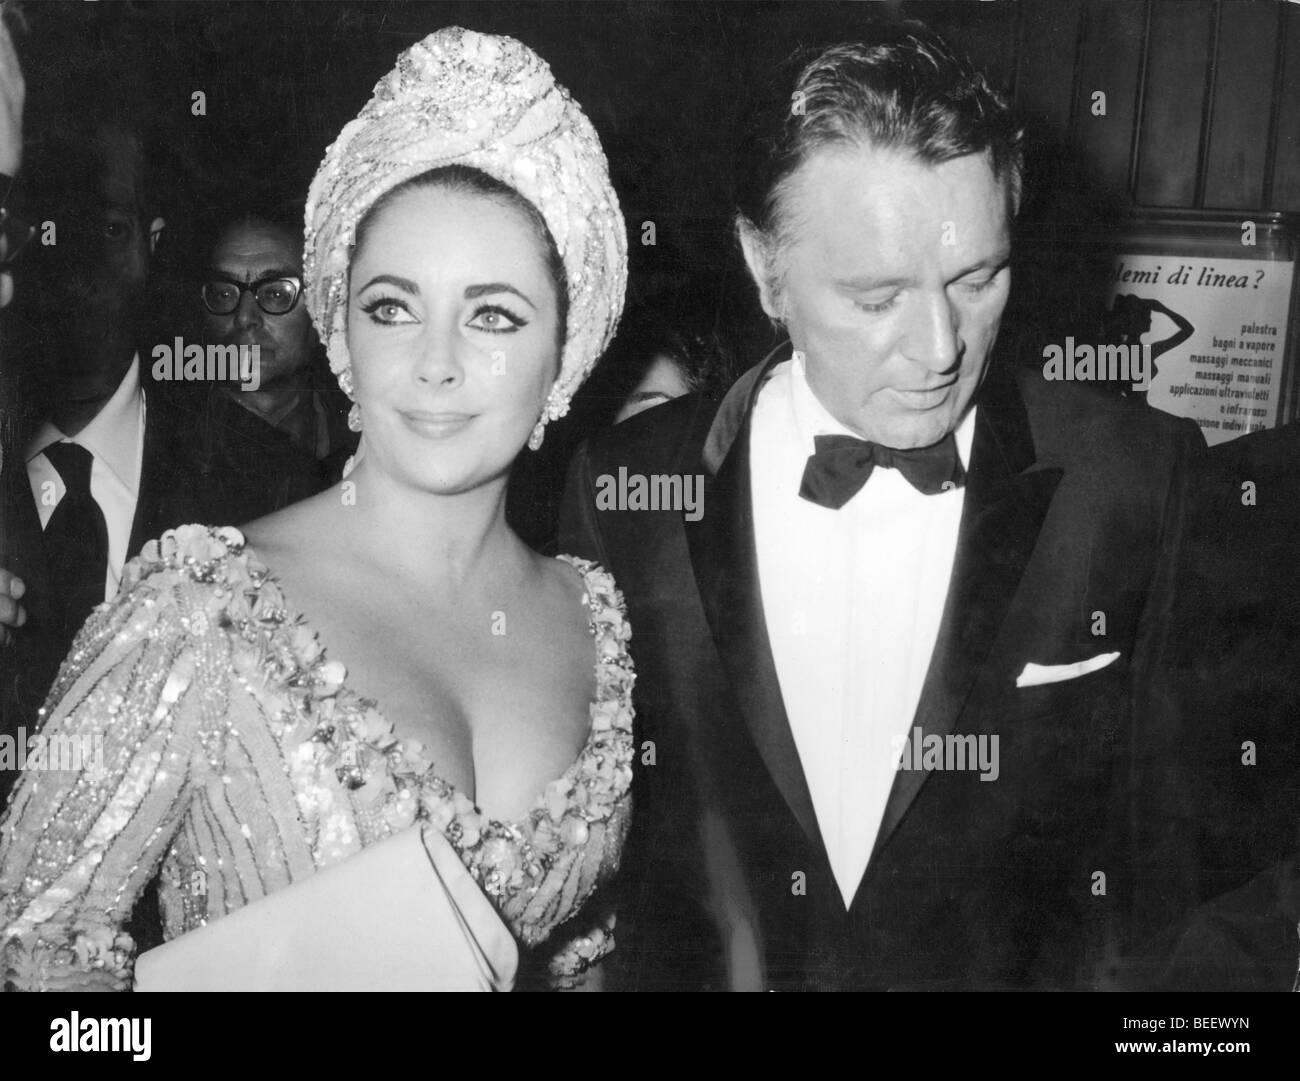 1011432 (9003107) Elizabeth 'Liz' TAYLOR, britische Schauspielerin mit Ehemann Richard BURTON, britischer - Stock Image